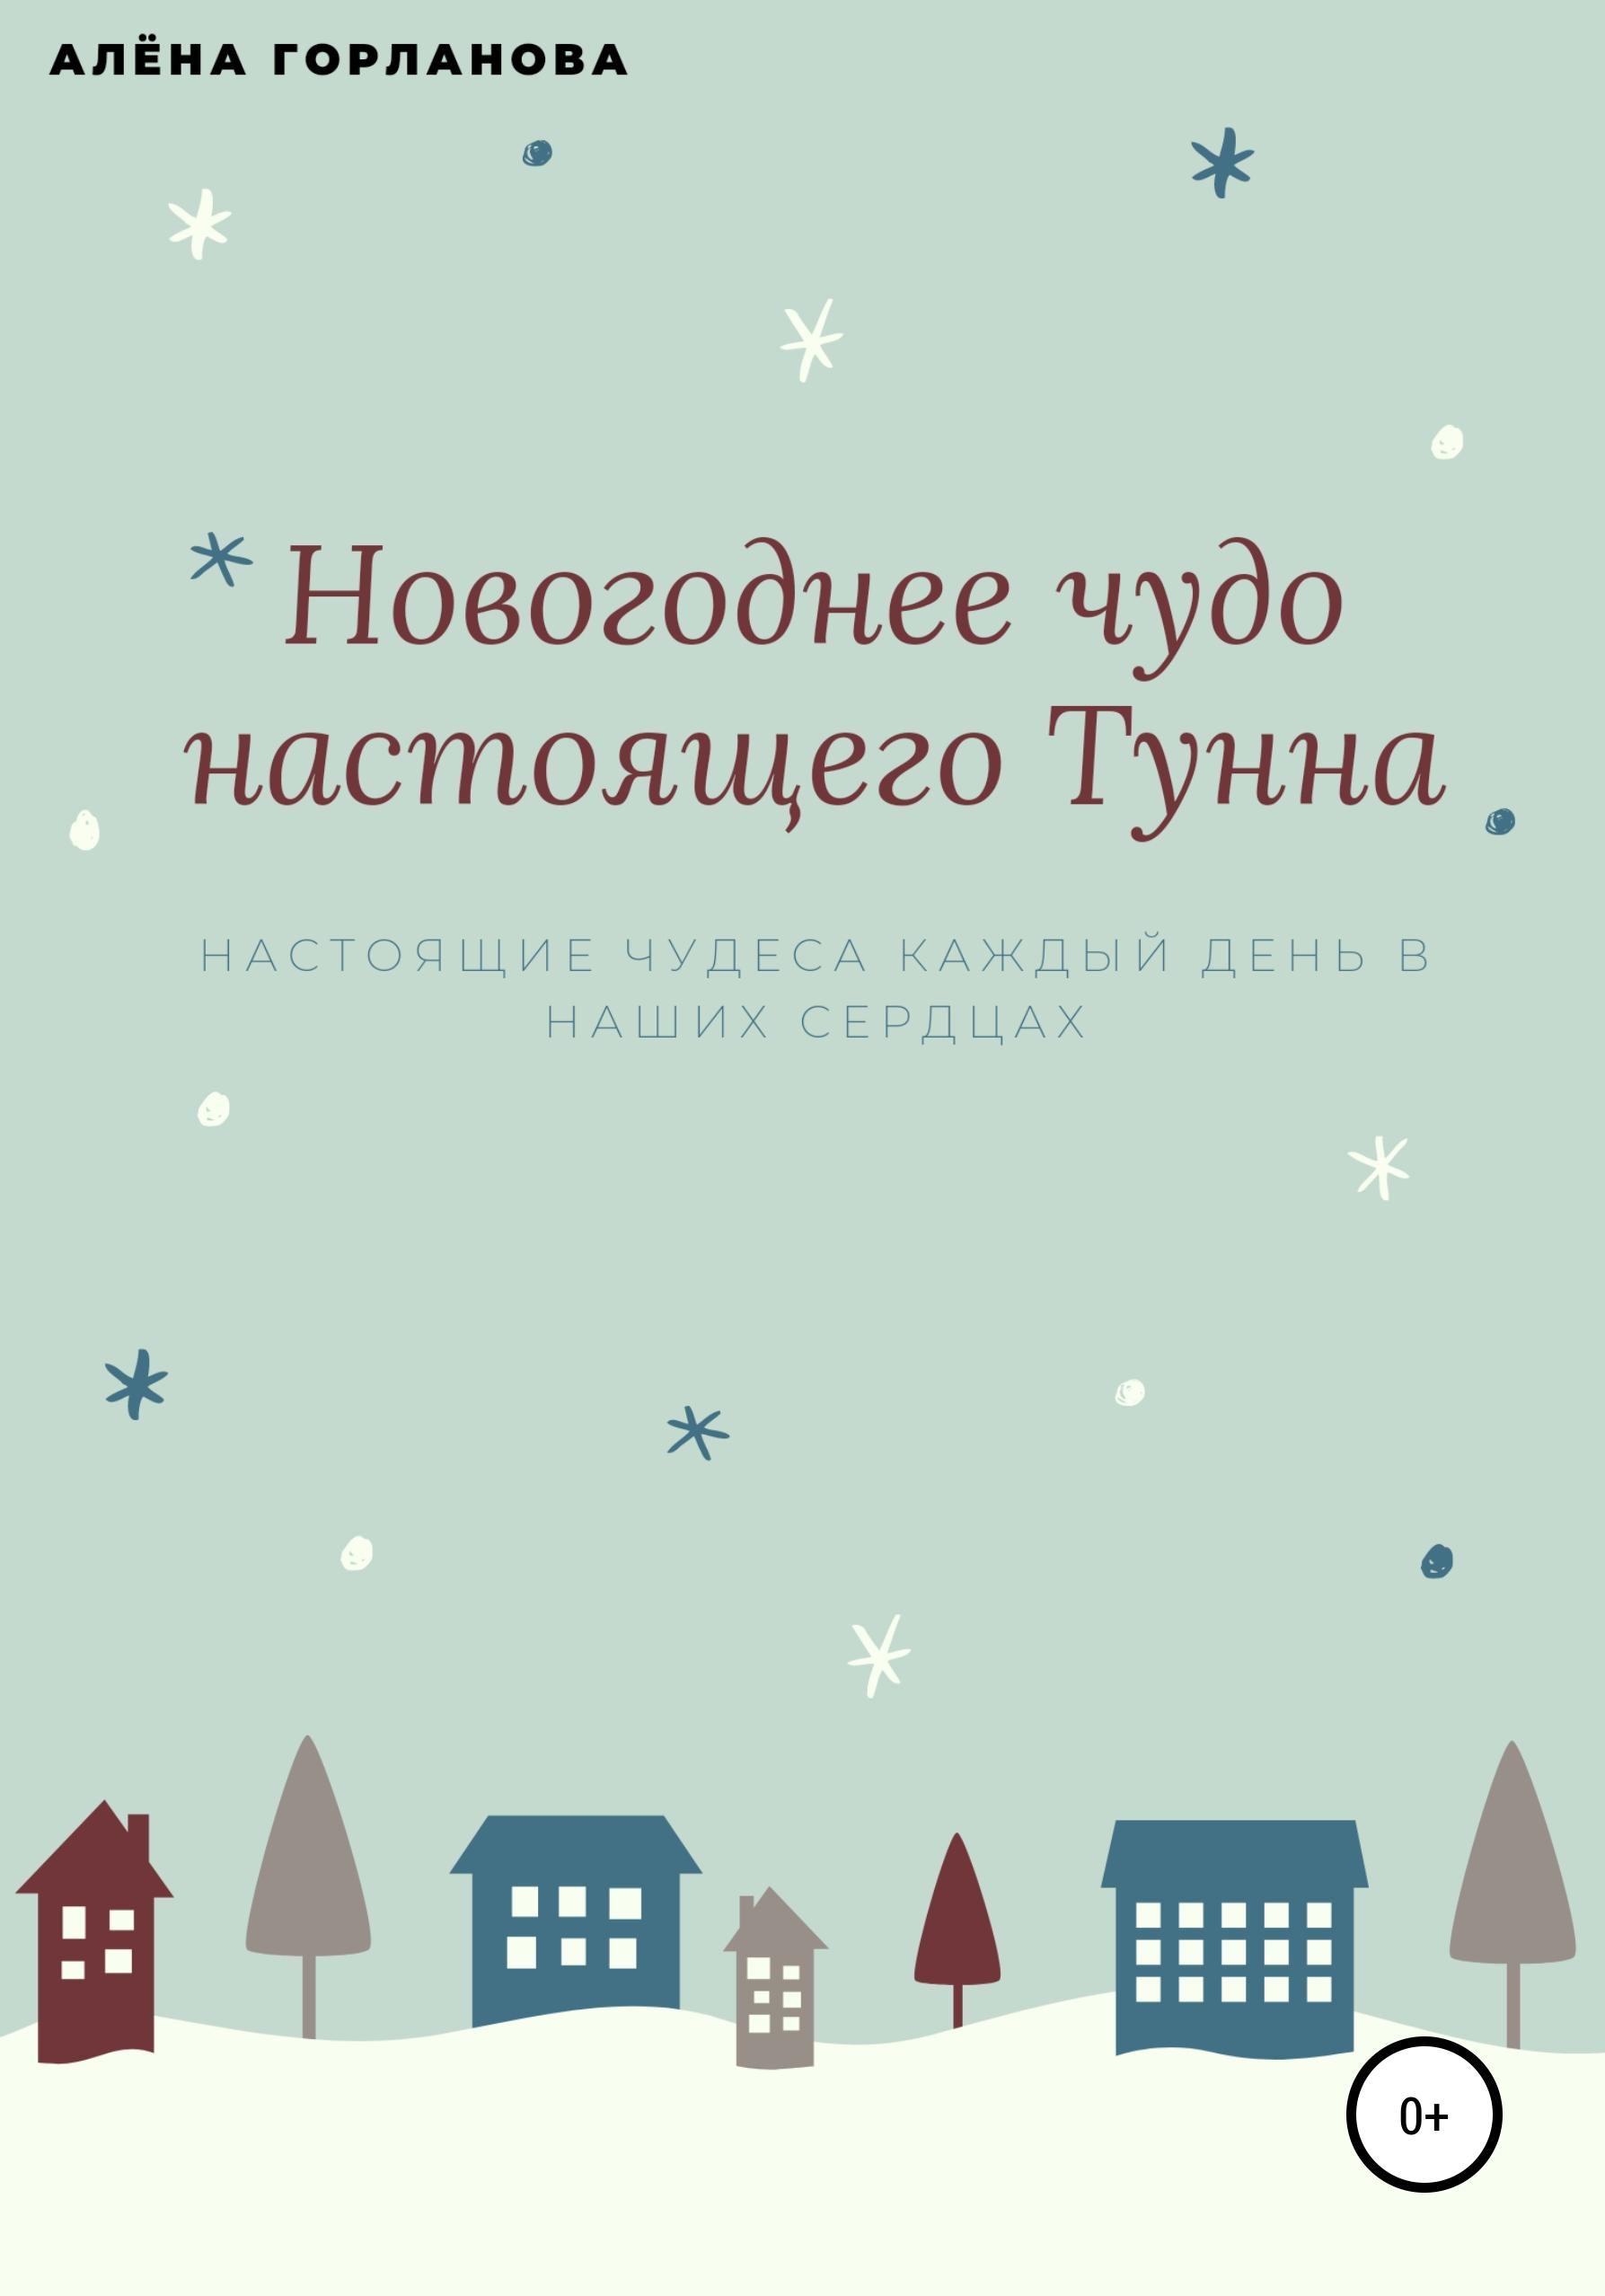 Купить книгу Новогоднее чудо настоящего тунна, автора Алёны Валерьевны Горлановой